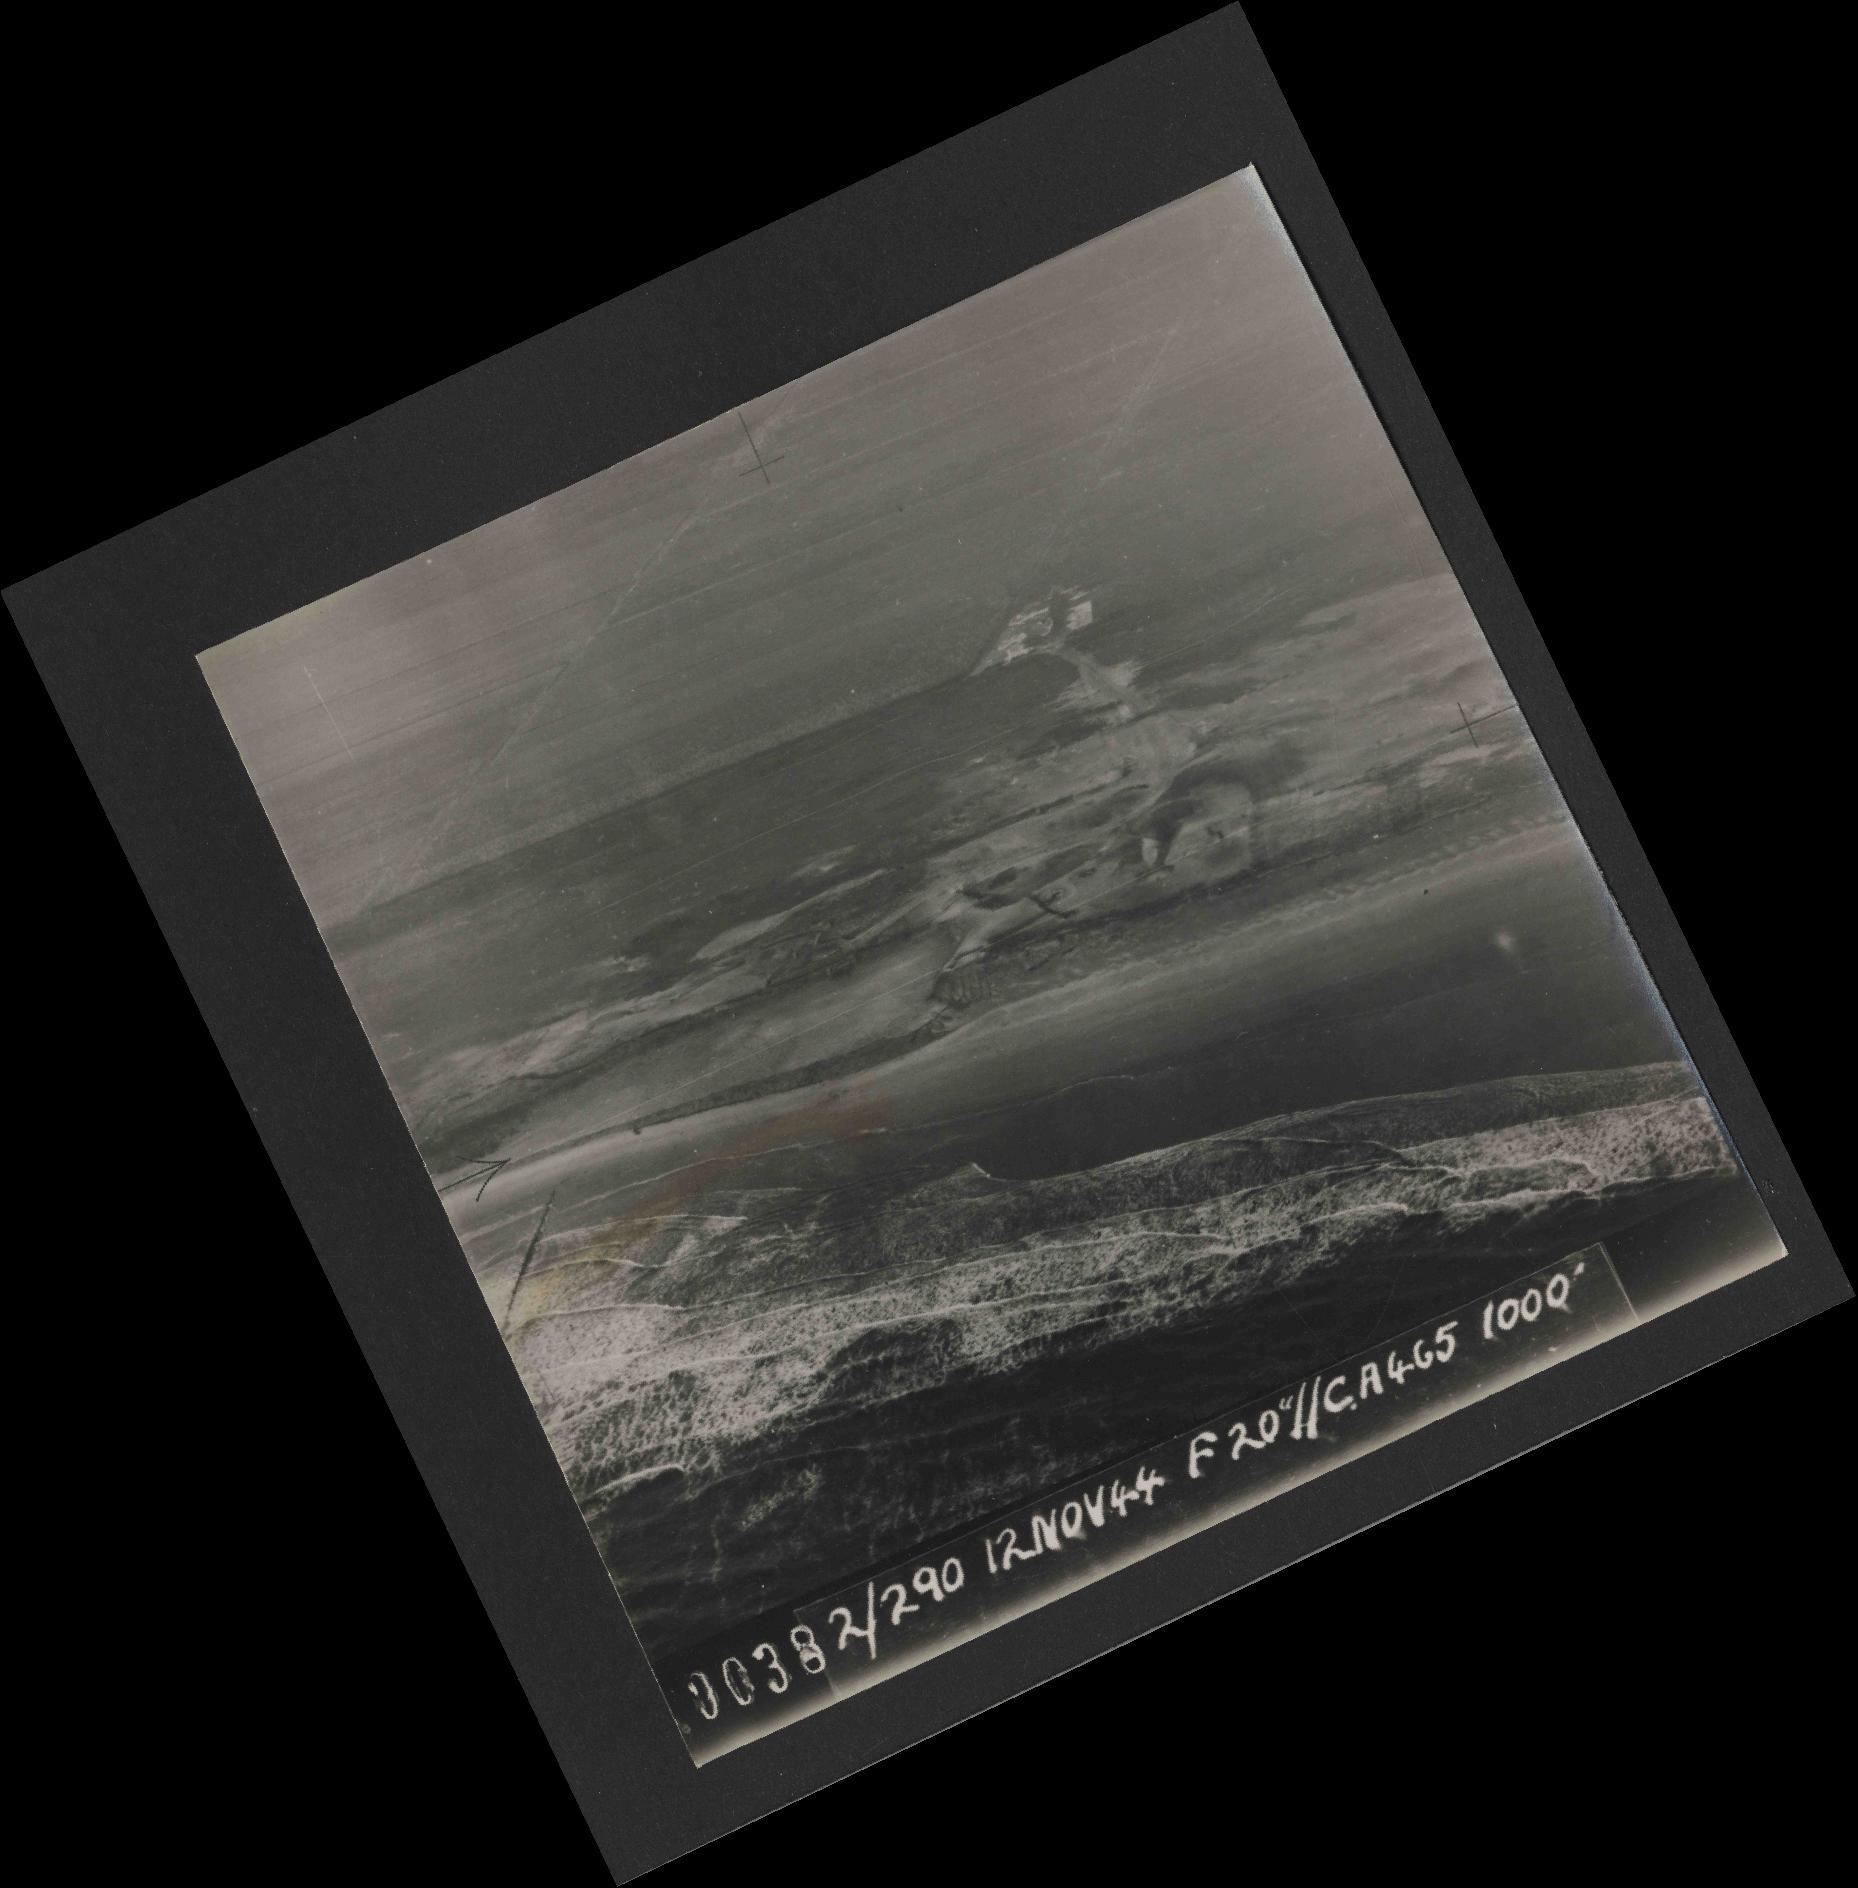 Collection RAF aerial photos 1940-1945 - flight 554, run 01, photo 0038